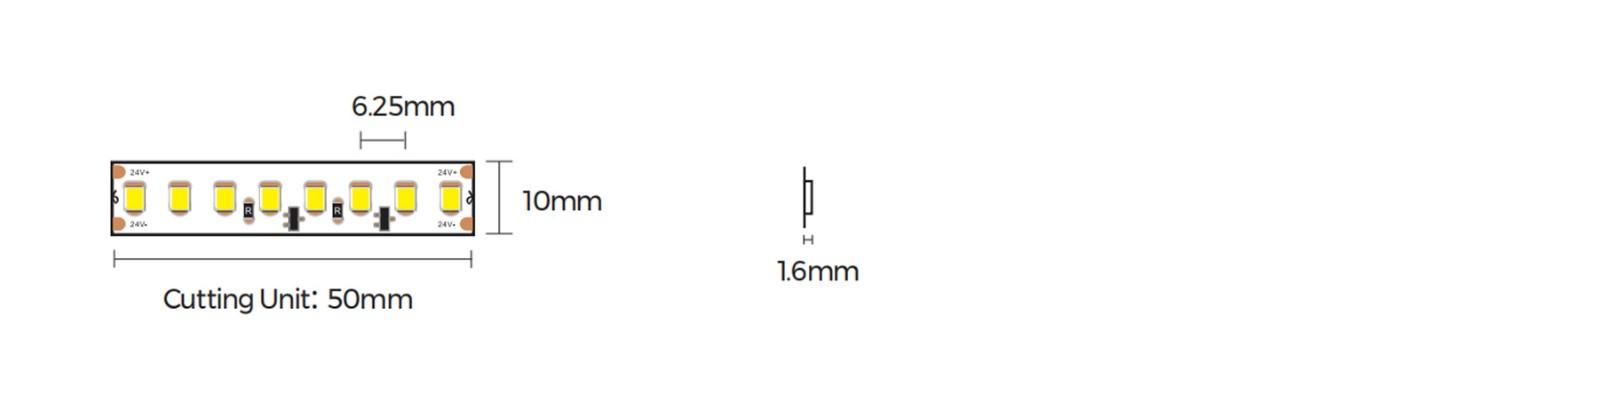 DS8160-24V-10mm